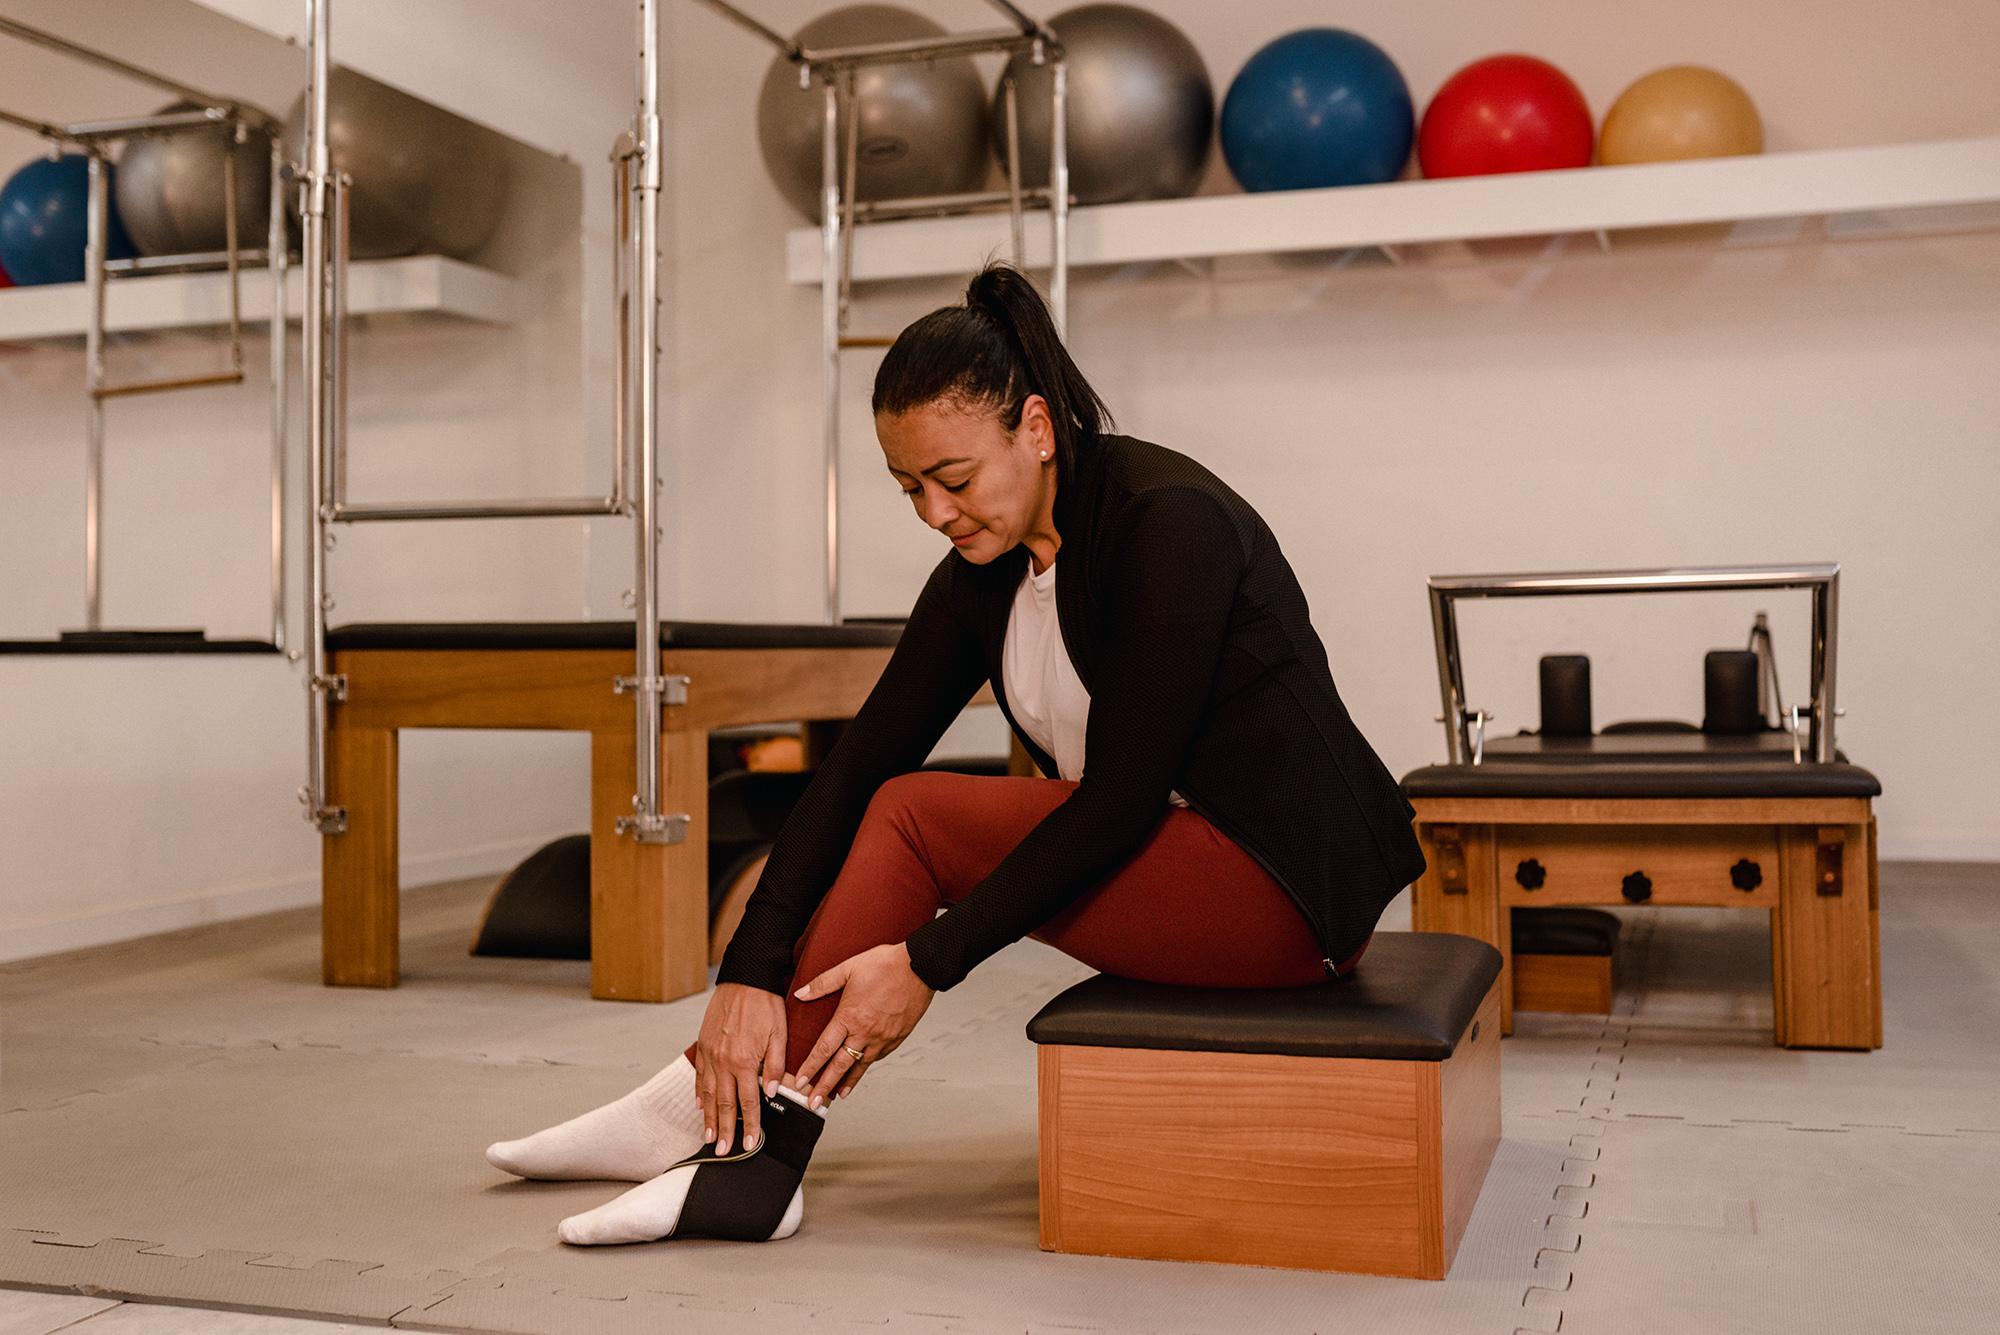 Uma mulher está sentada, vestindo uma tornozeleira em seu pé esquerdo. Ela está em uma sala com equipamentos de pilates e bolas para a prática de exercícios.